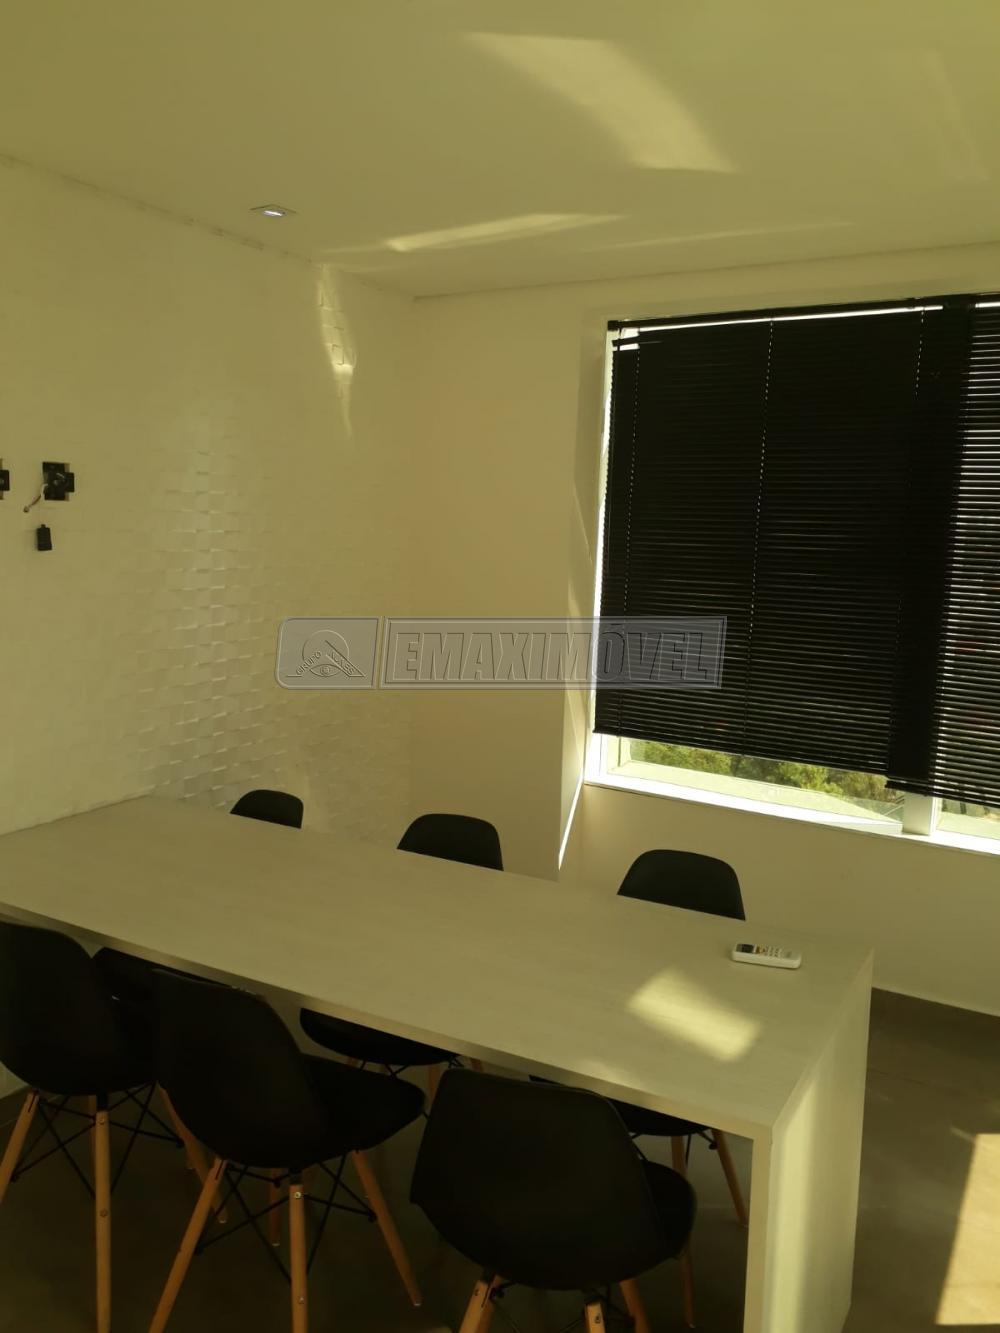 Alugar Sala Comercial / em Condomínio em Sorocaba R$ 1.200,00 - Foto 1